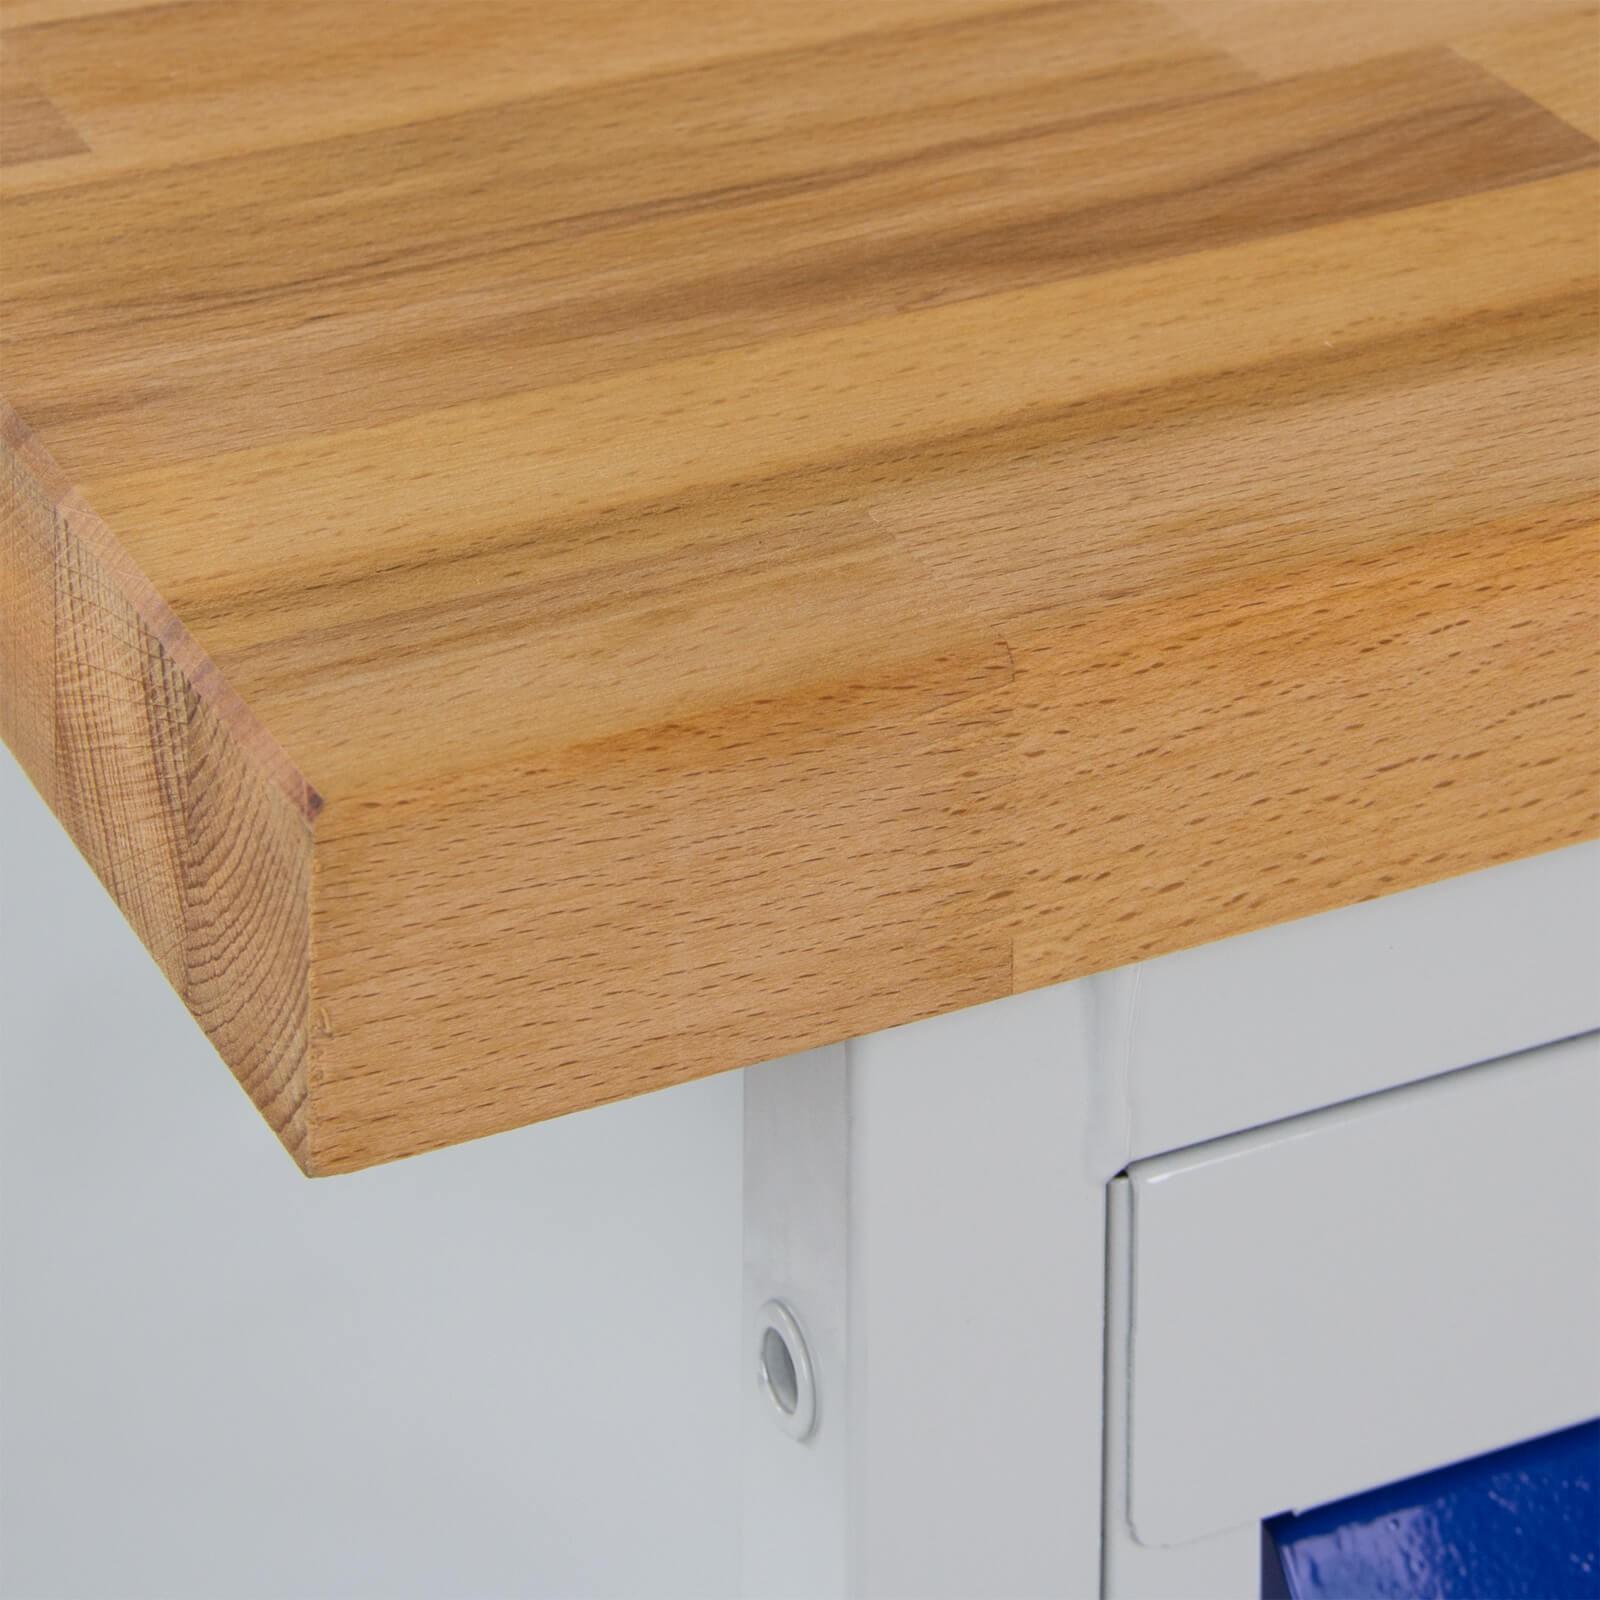 adb tischwagen werkbank 4 schubladen mit rollen. Black Bedroom Furniture Sets. Home Design Ideas